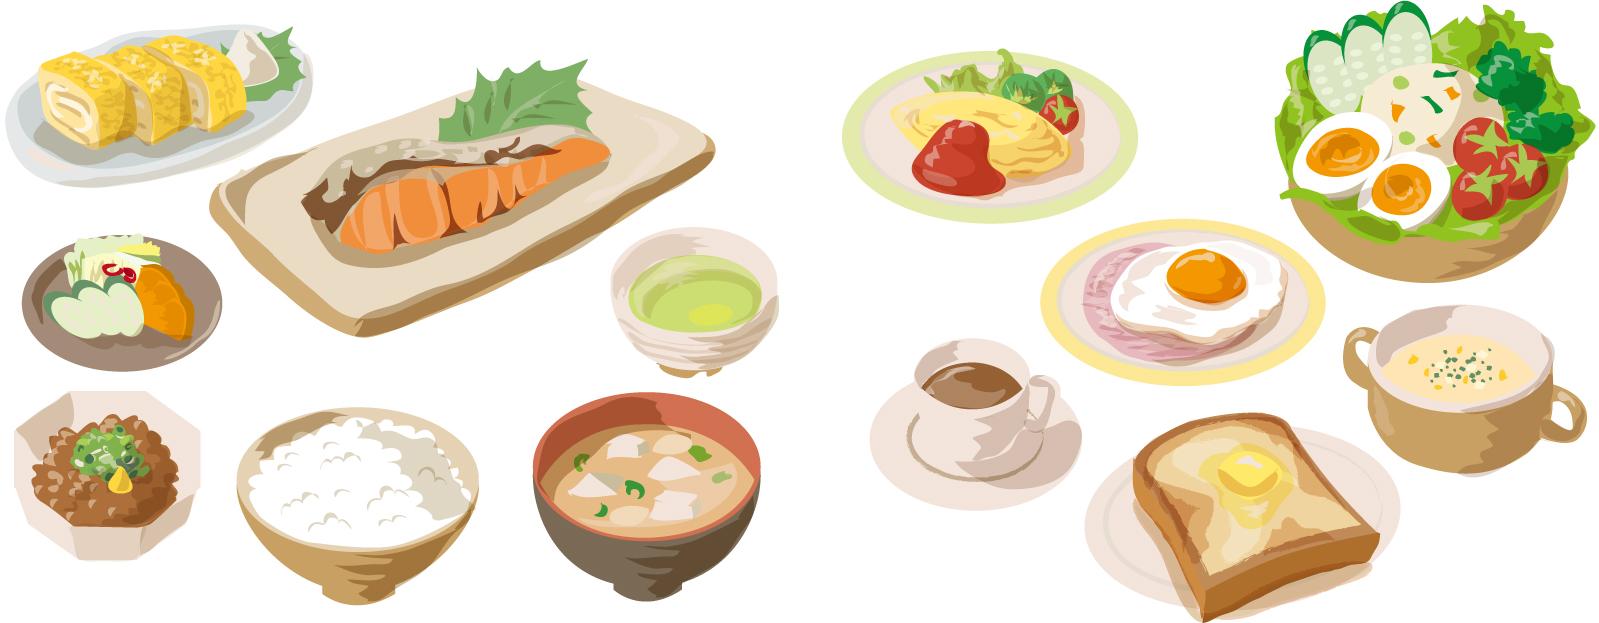 朝食メニューのイラスト